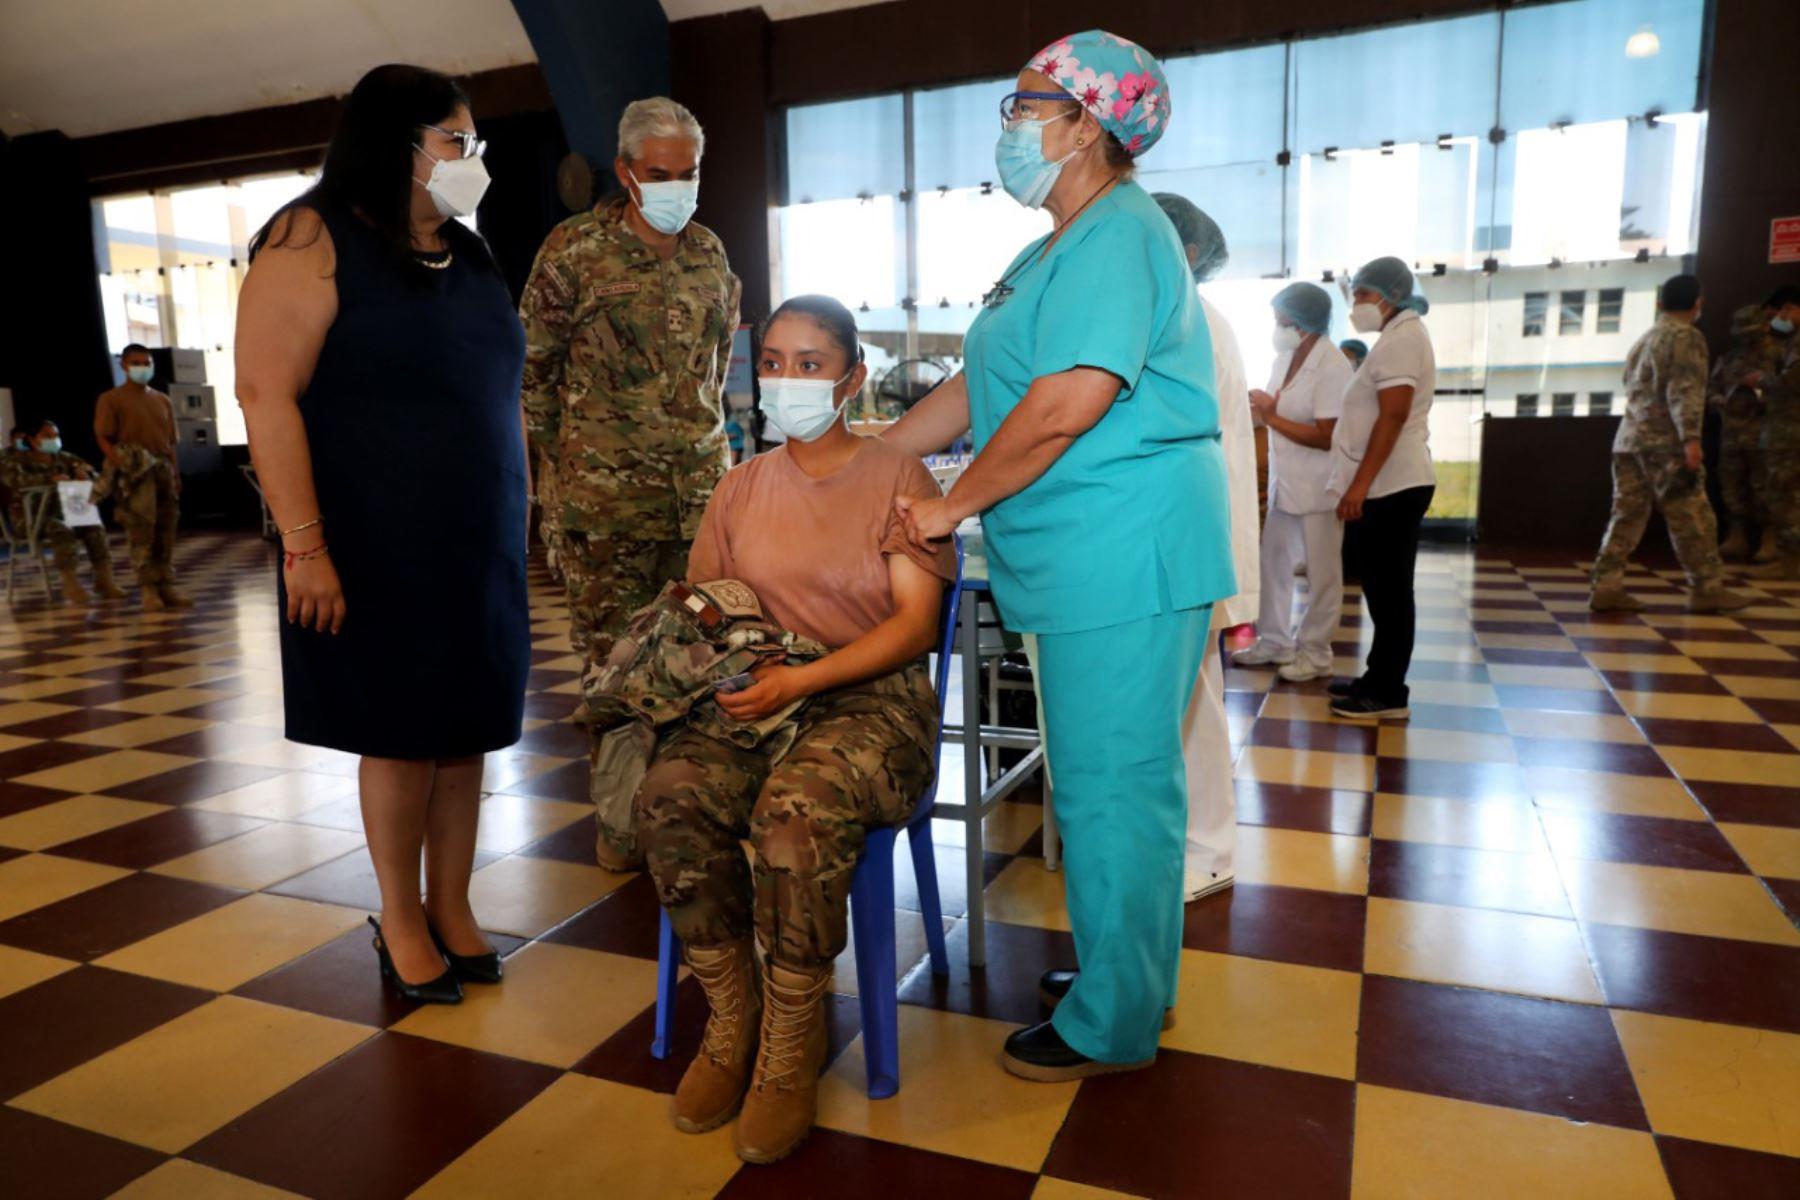 La ministra de Defensa, Nuria Esparch, supervisó  en la base aérea Las Palmas, en Santiago de Surco, el simulacro de vacunación al personal de la Fuerza Aérea del Perú, con miras al inicio del proceso de inmunización contra el covid-19 para los miembros de las Fuerzas Armadas.